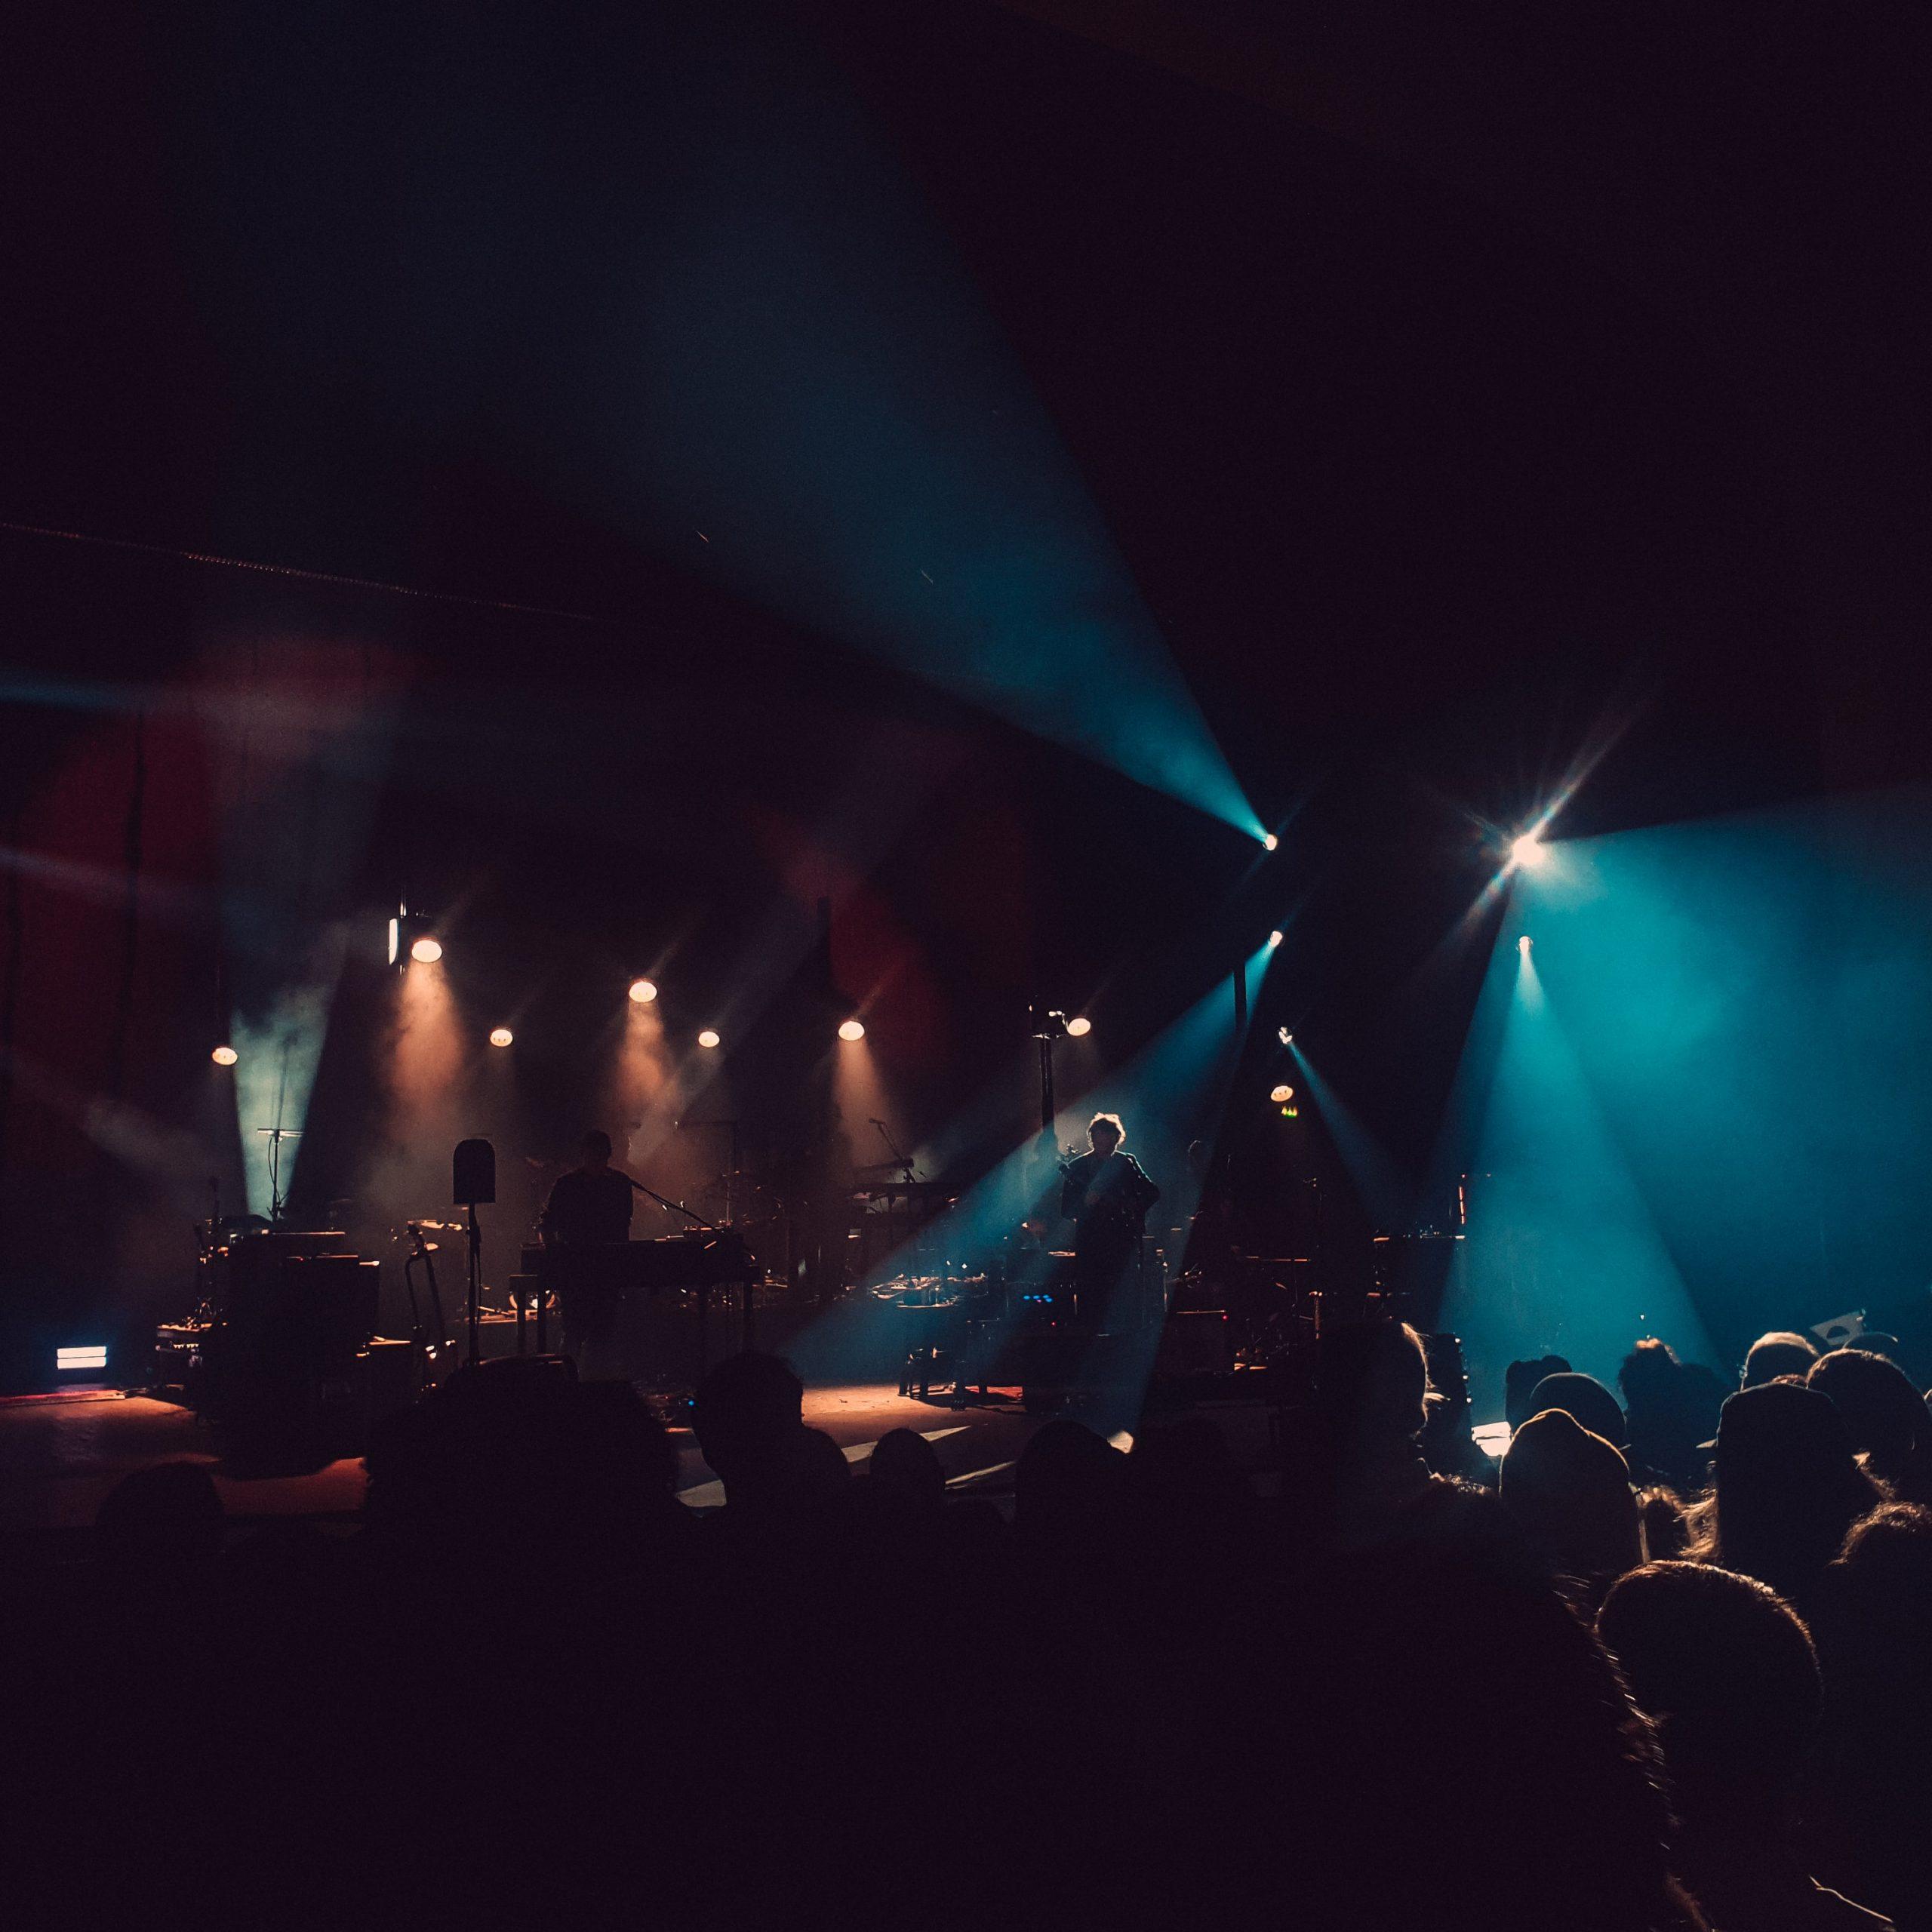 Kultura - koncert - Fot. Samuel Regan Asante